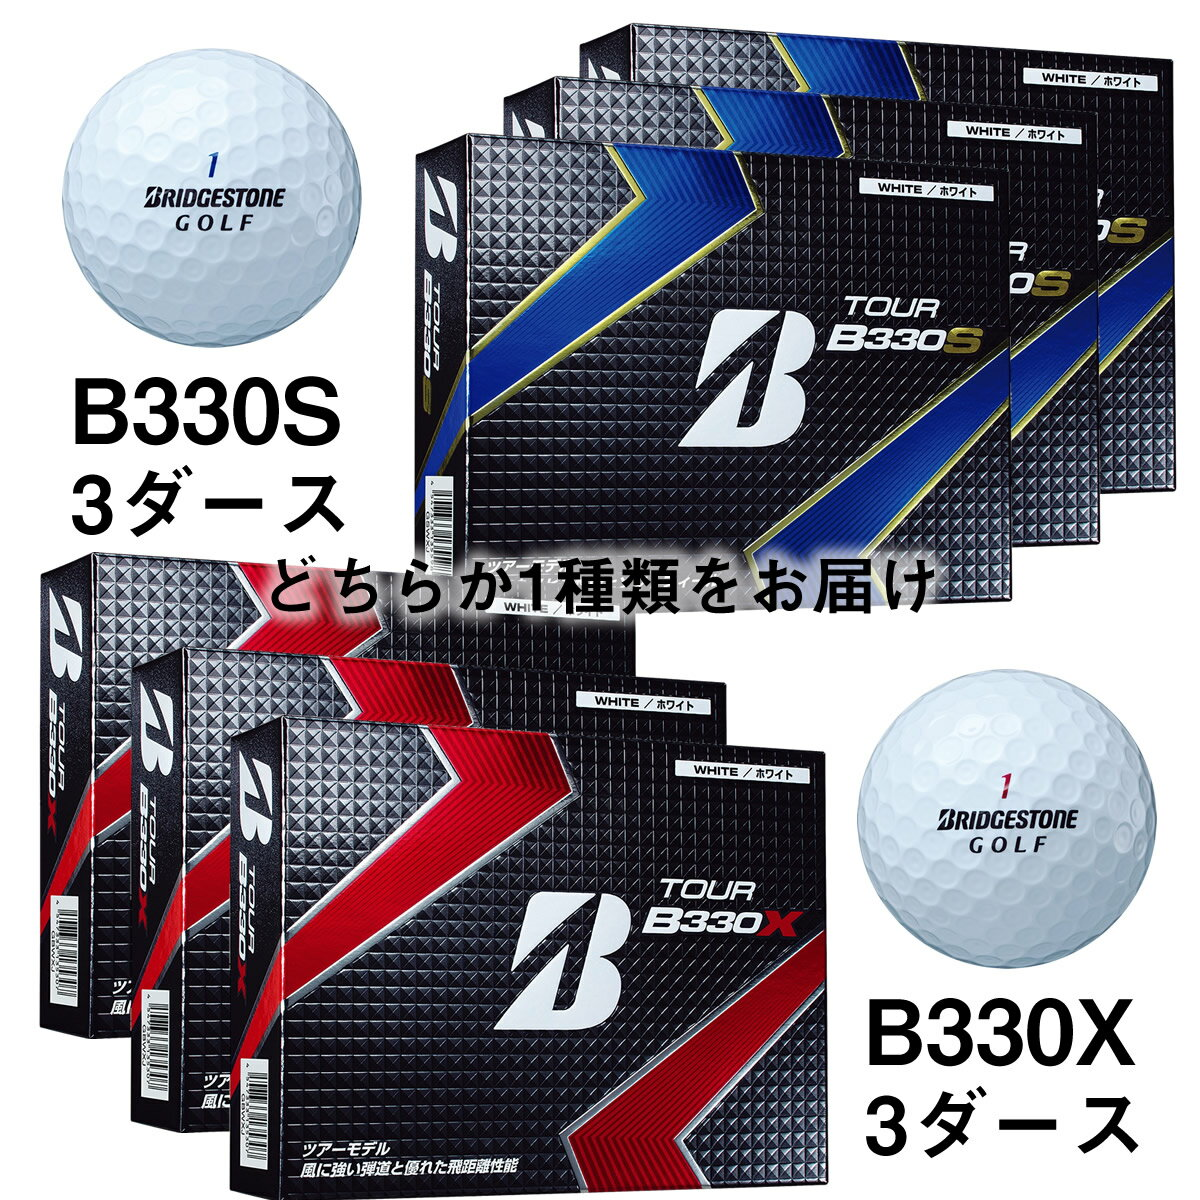 【ふるさと納税】ゴルフボール(BRIDGESTONE GOLF TOUR B330シリーズ)×3ダース ※「Himilan」ロゴ入り